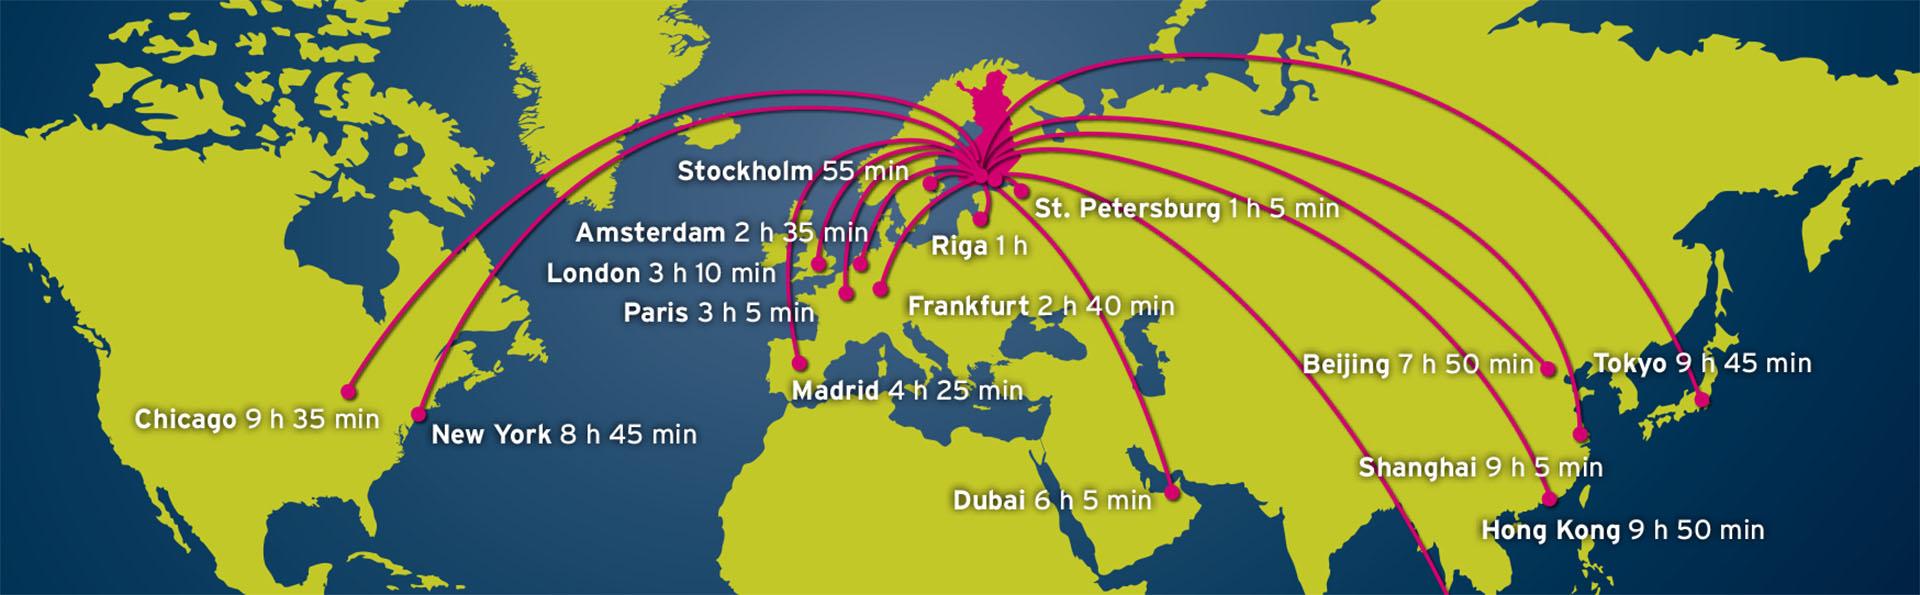 En ritad karta med några flygrutter till Finland.